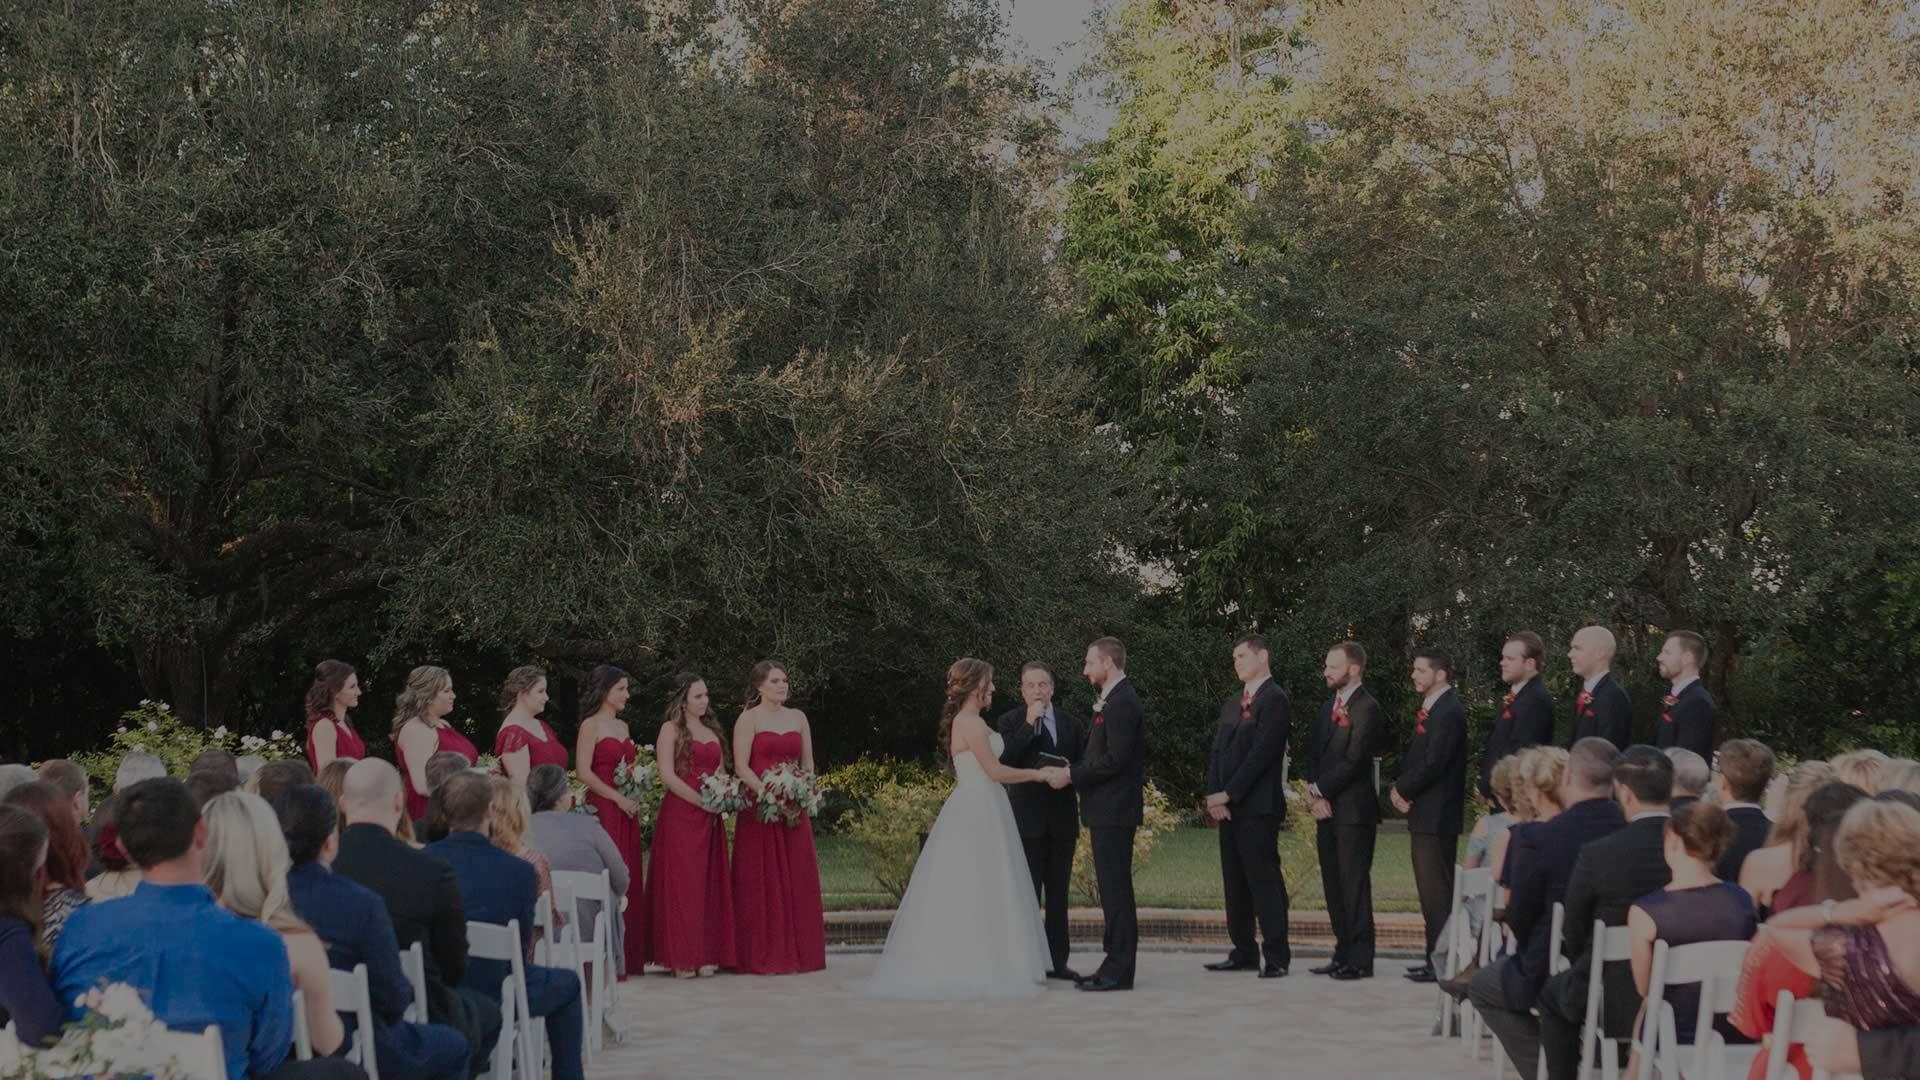 Harry P Leu Gardens - Sensational Ceremonies